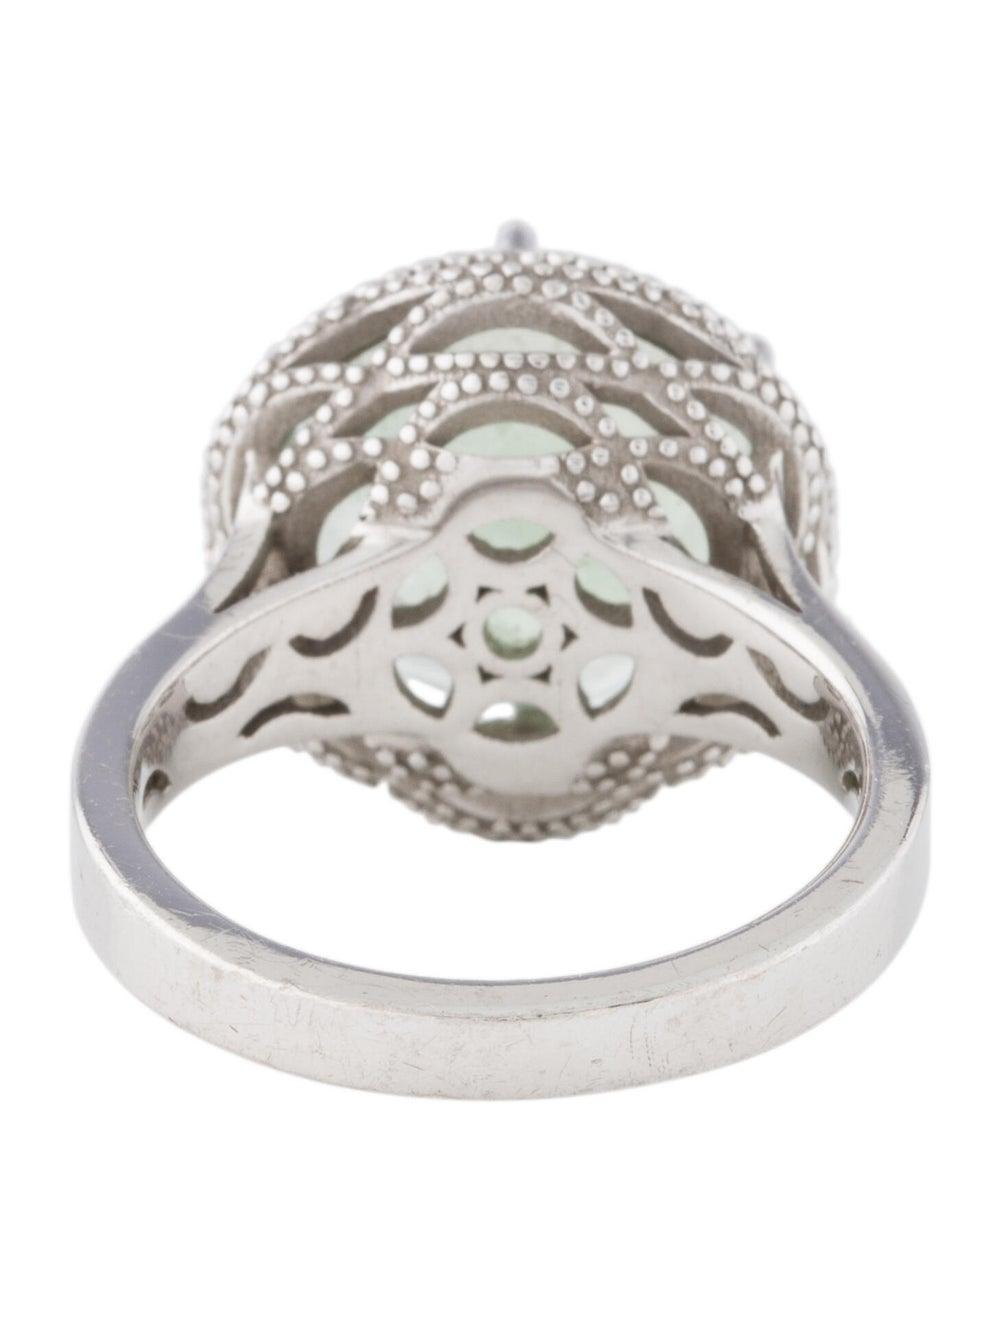 Tacori Prasiolite Ring Silver - image 4